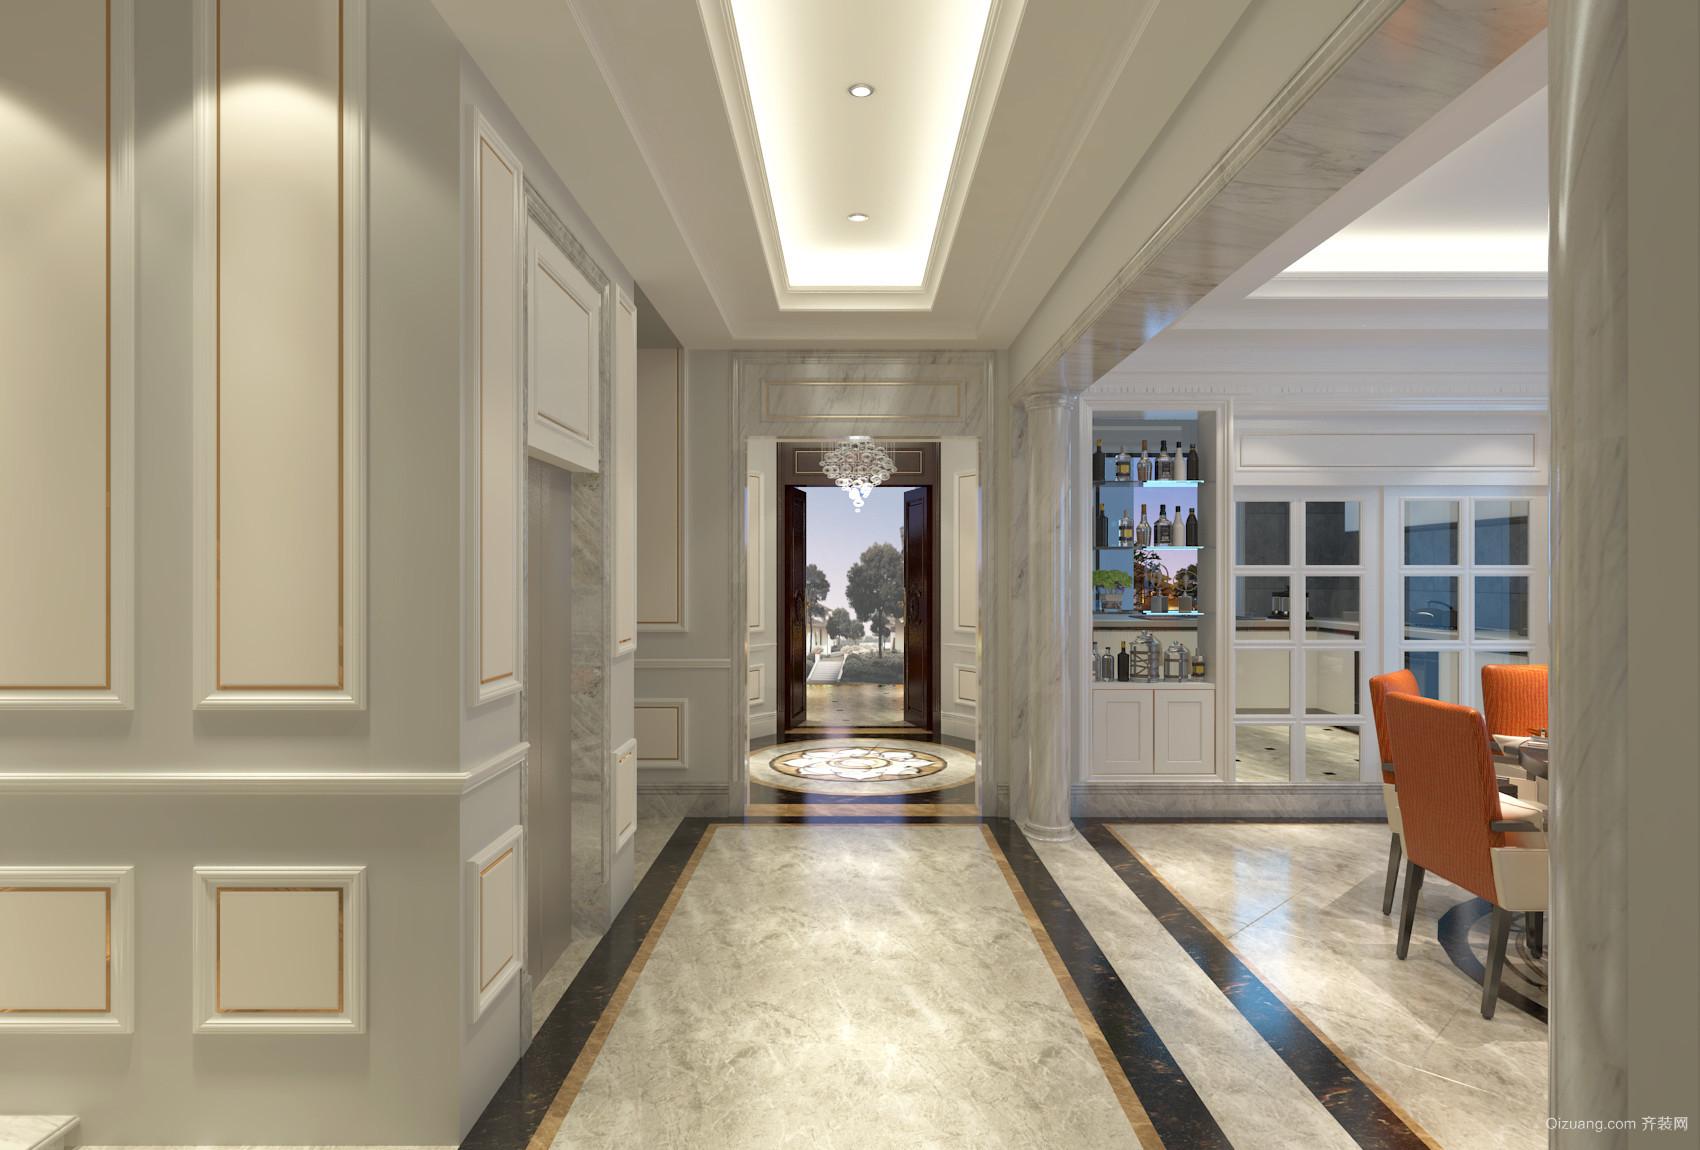 星湖名郡石溪雅筑9栋别墅欧式风格装修效果图实景图